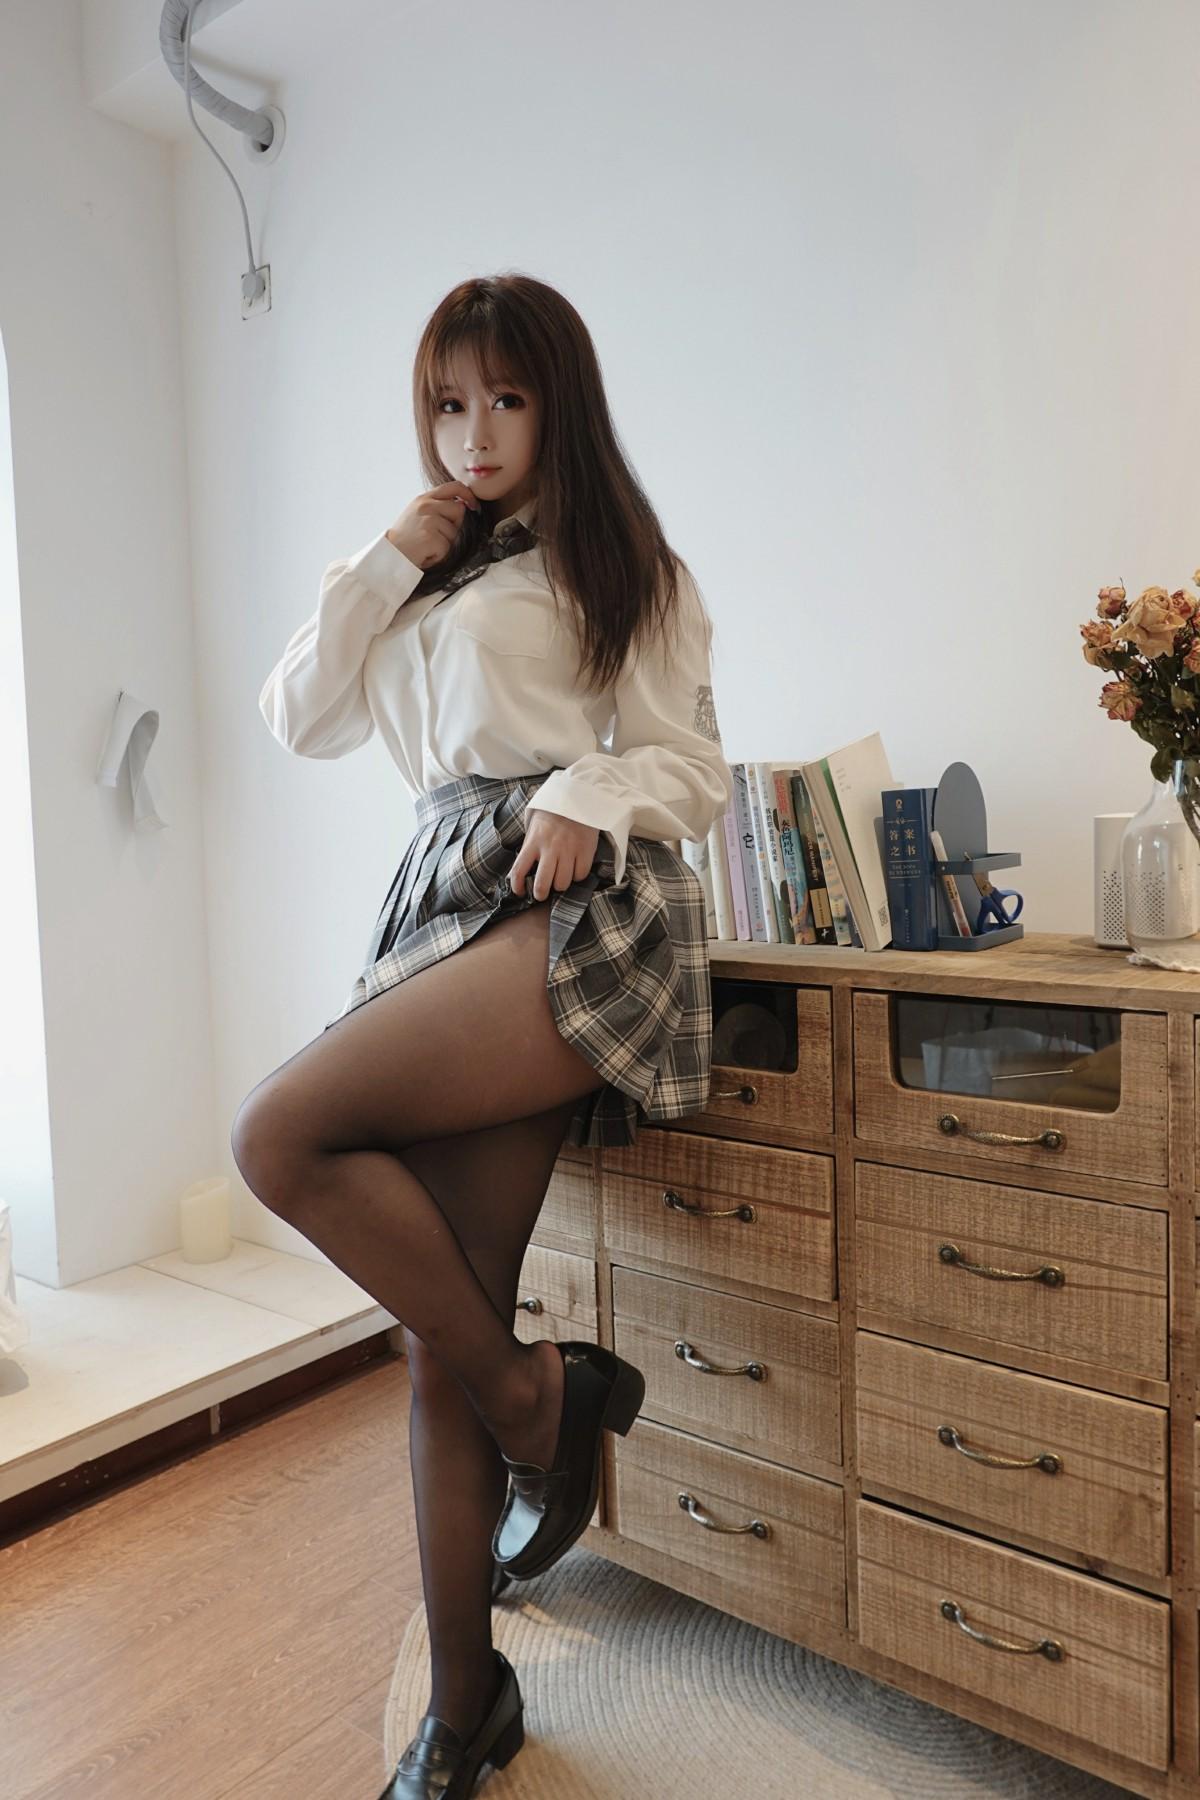 蜜桃少女 是依酱吖 - jk制服 第4张